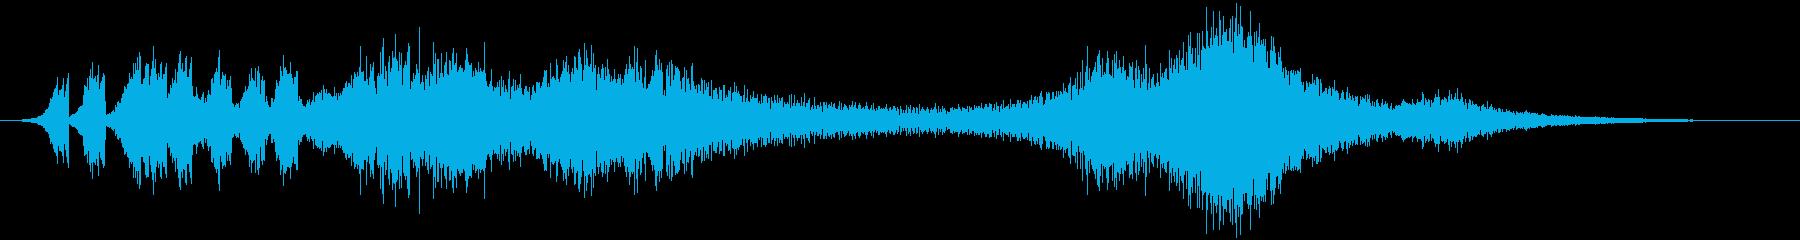 時間の停止や逆行などの抽象的な音#6の再生済みの波形